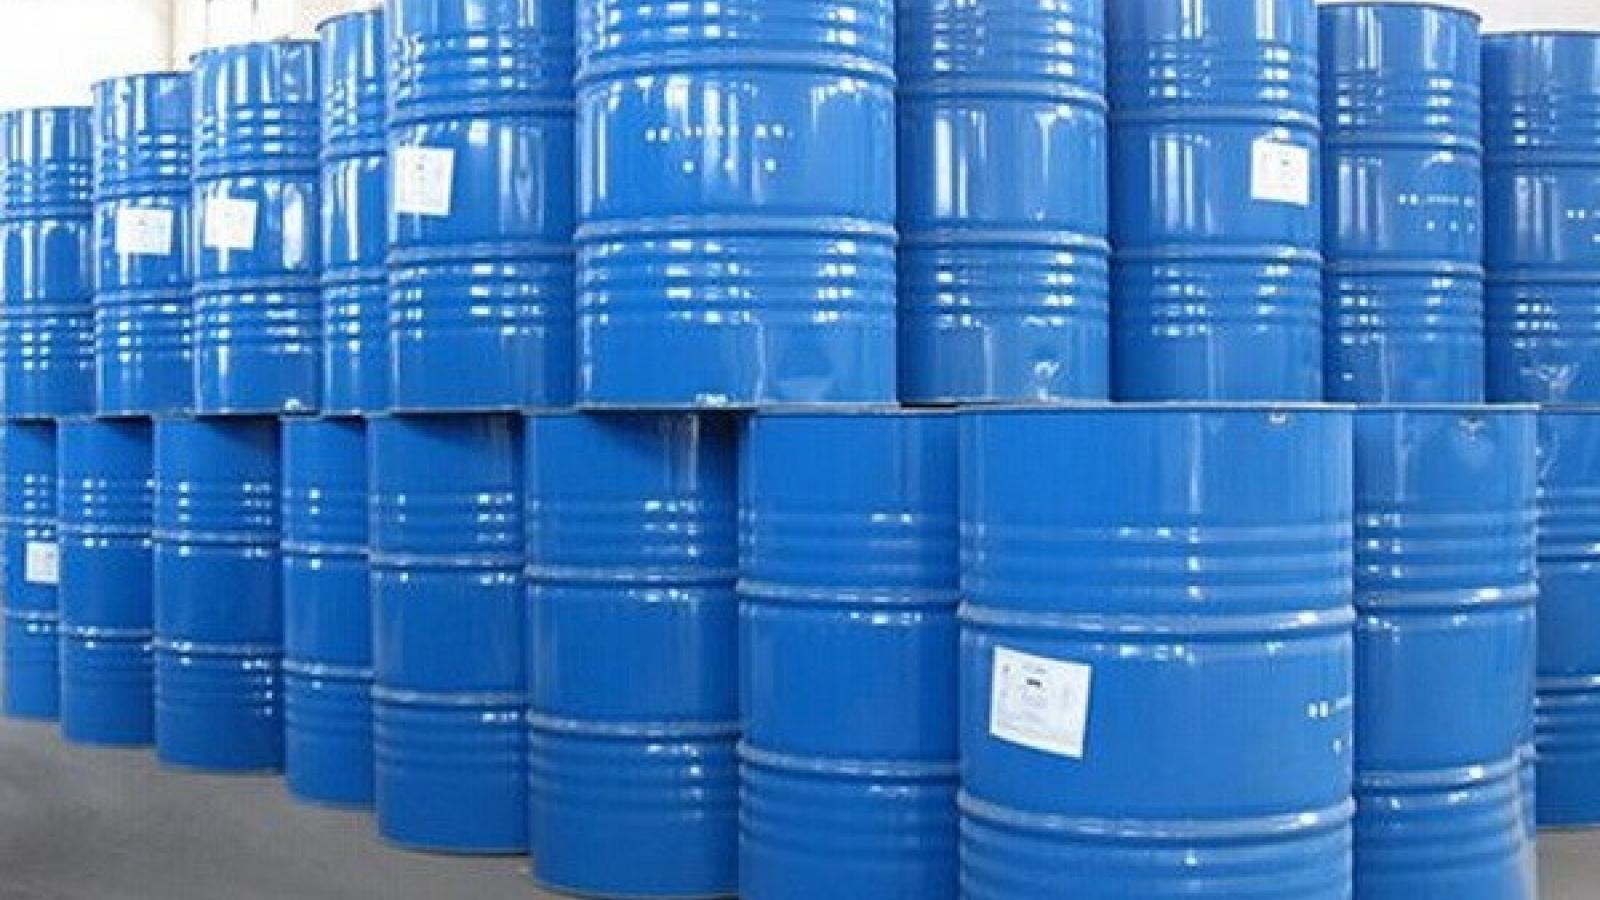 Nhật Bản áp thuế chống bán phá giá với sản phẩm hóa chất Trung Quốc